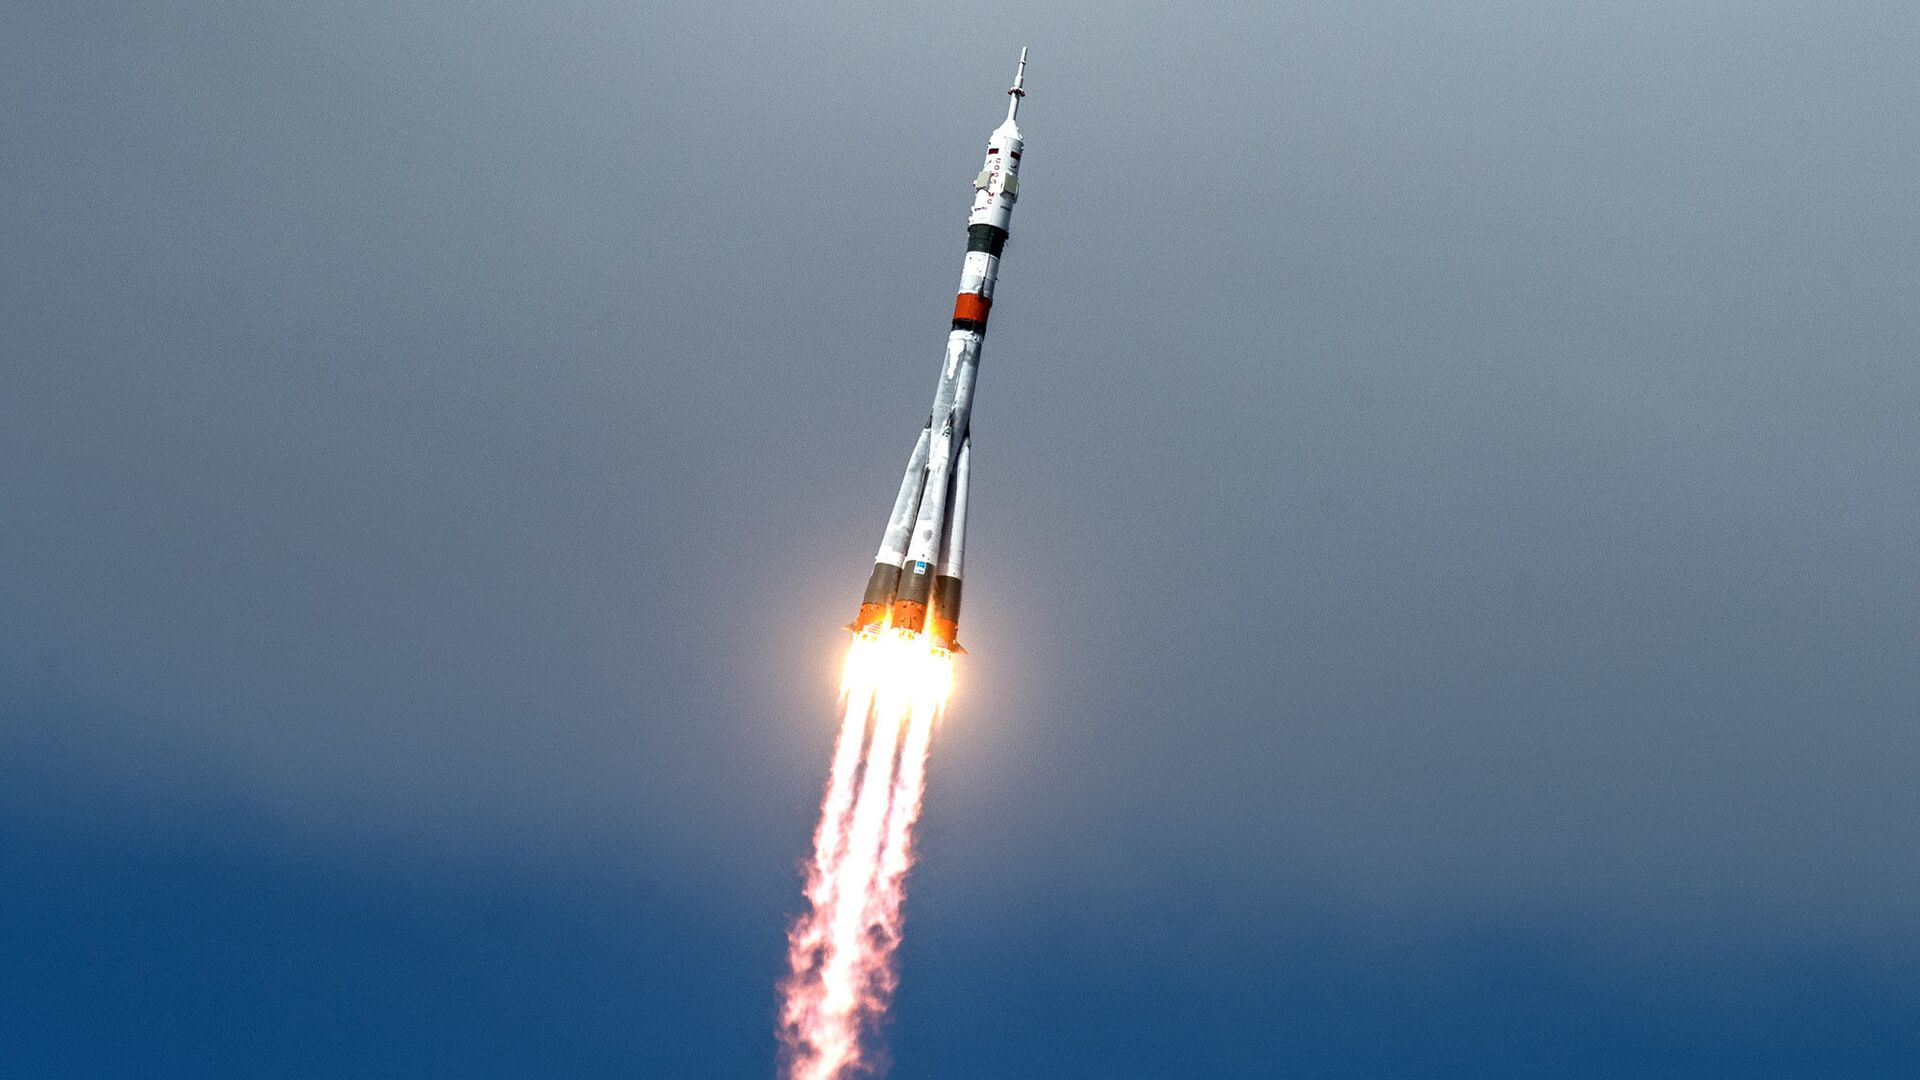 Lanzamiento del cohete portador Soyuz-2.1a (imagen referencial) - Sputnik Mundo, 1920, 25.03.2021